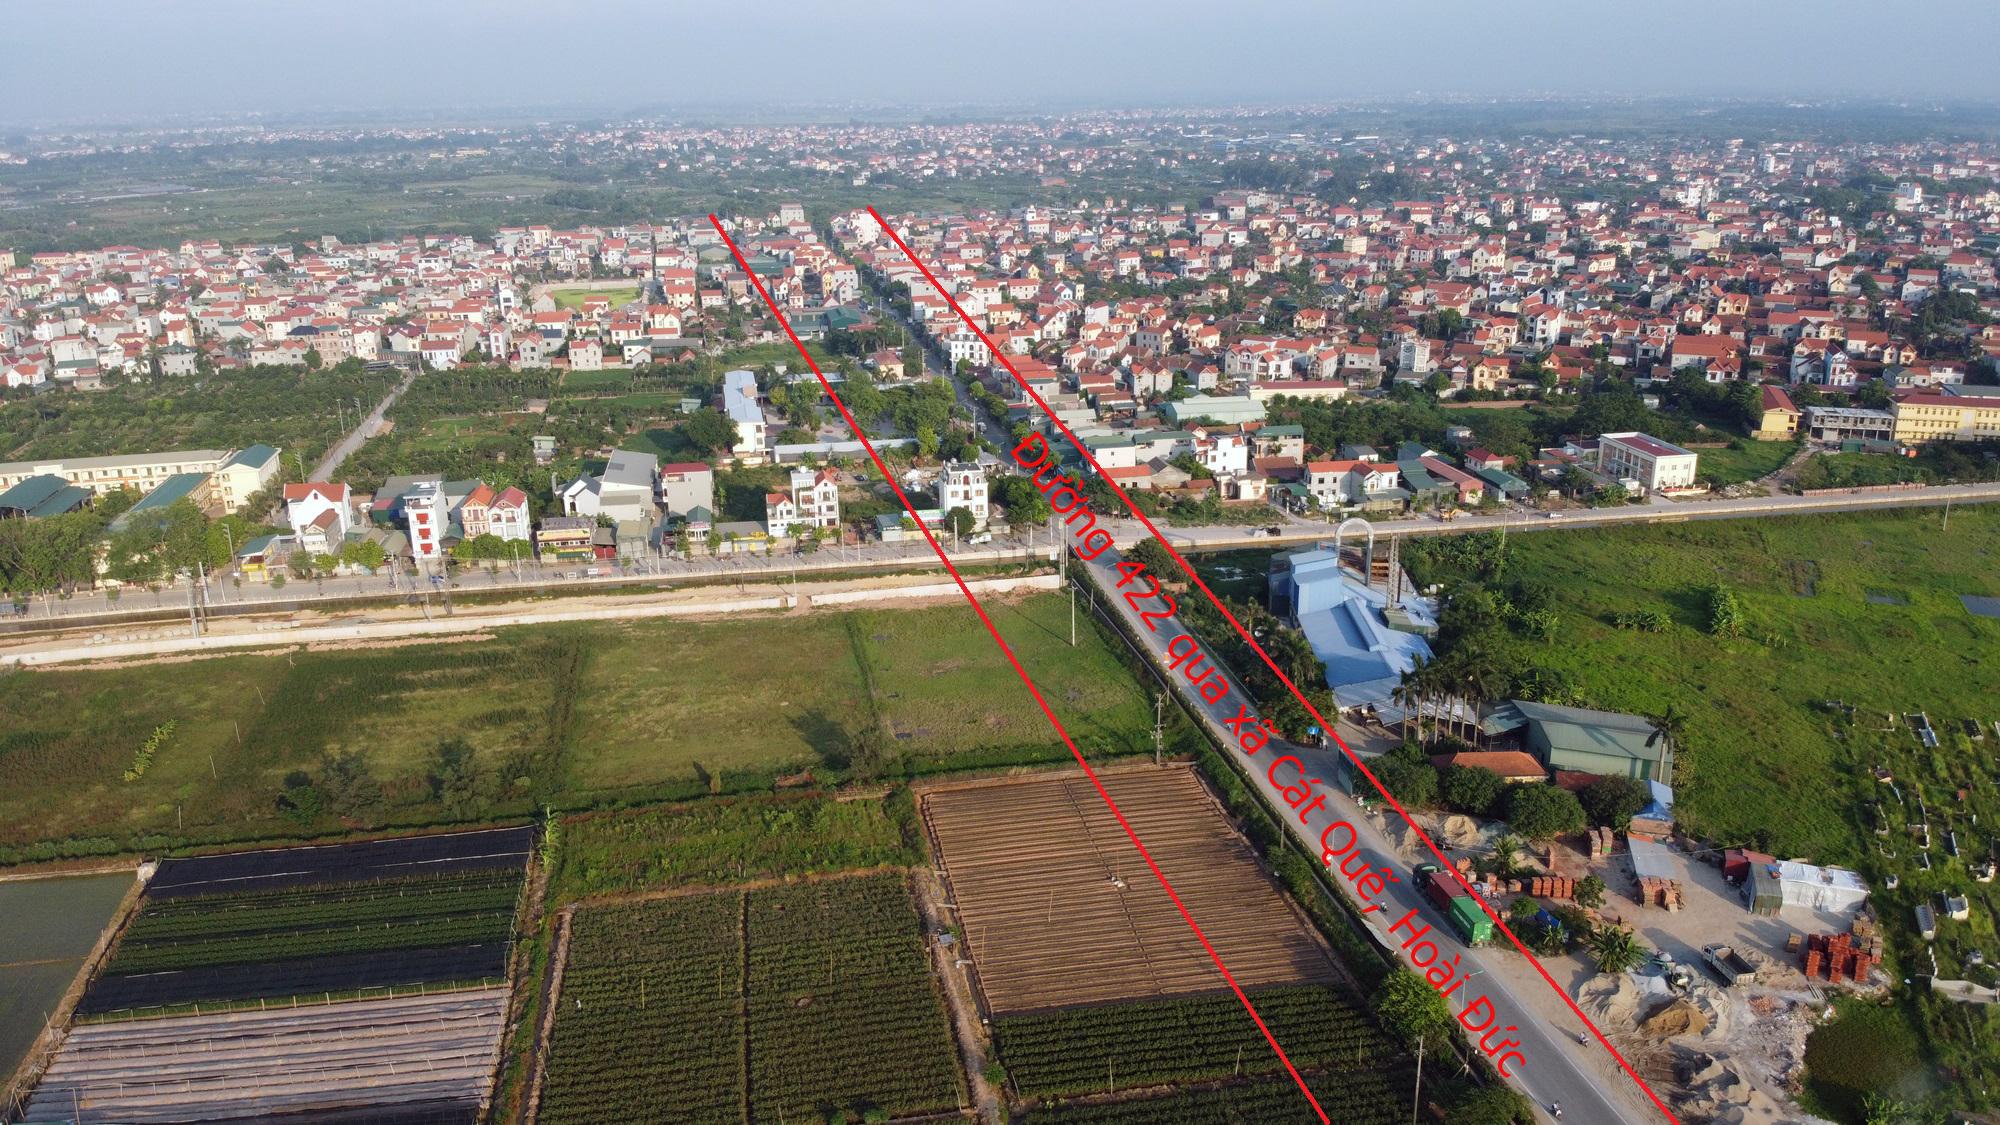 Trục đường Hồ Tây - Ba Vì qua Hòa Lạc sẽ mở theo qui hoạch: Toàn cảnh đoạn Vành đai 4 đến đường Hòa Lạc - Hòa Bình - Ảnh 3.